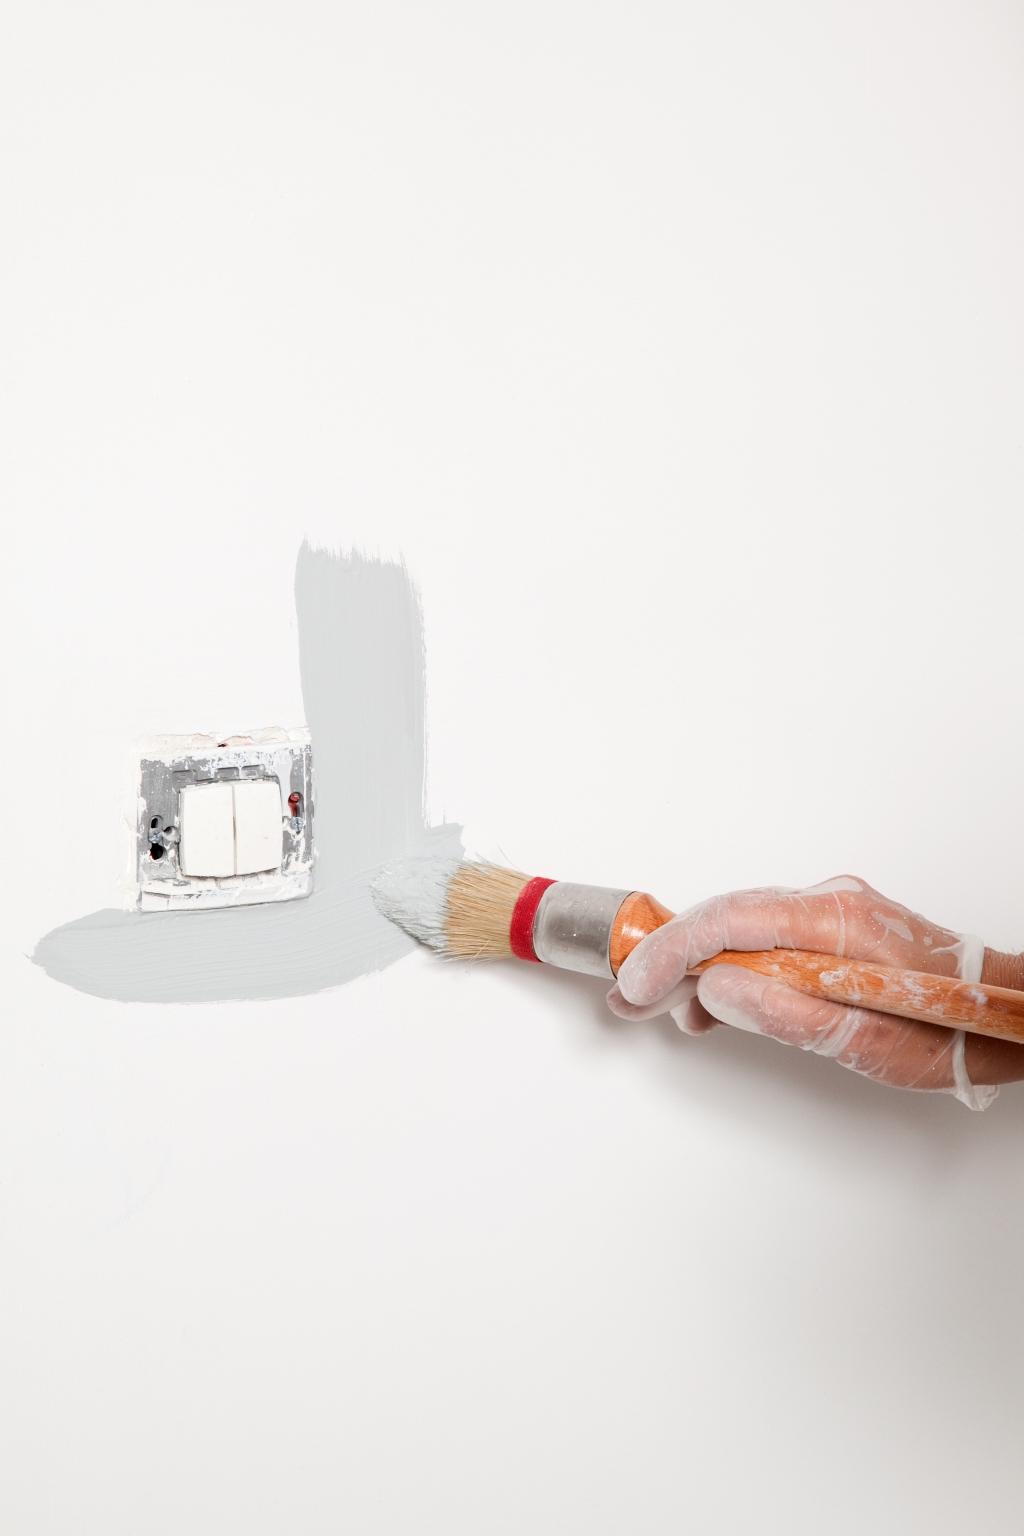 Peindre des murs avec de la peinture anti bruit - Étape 6